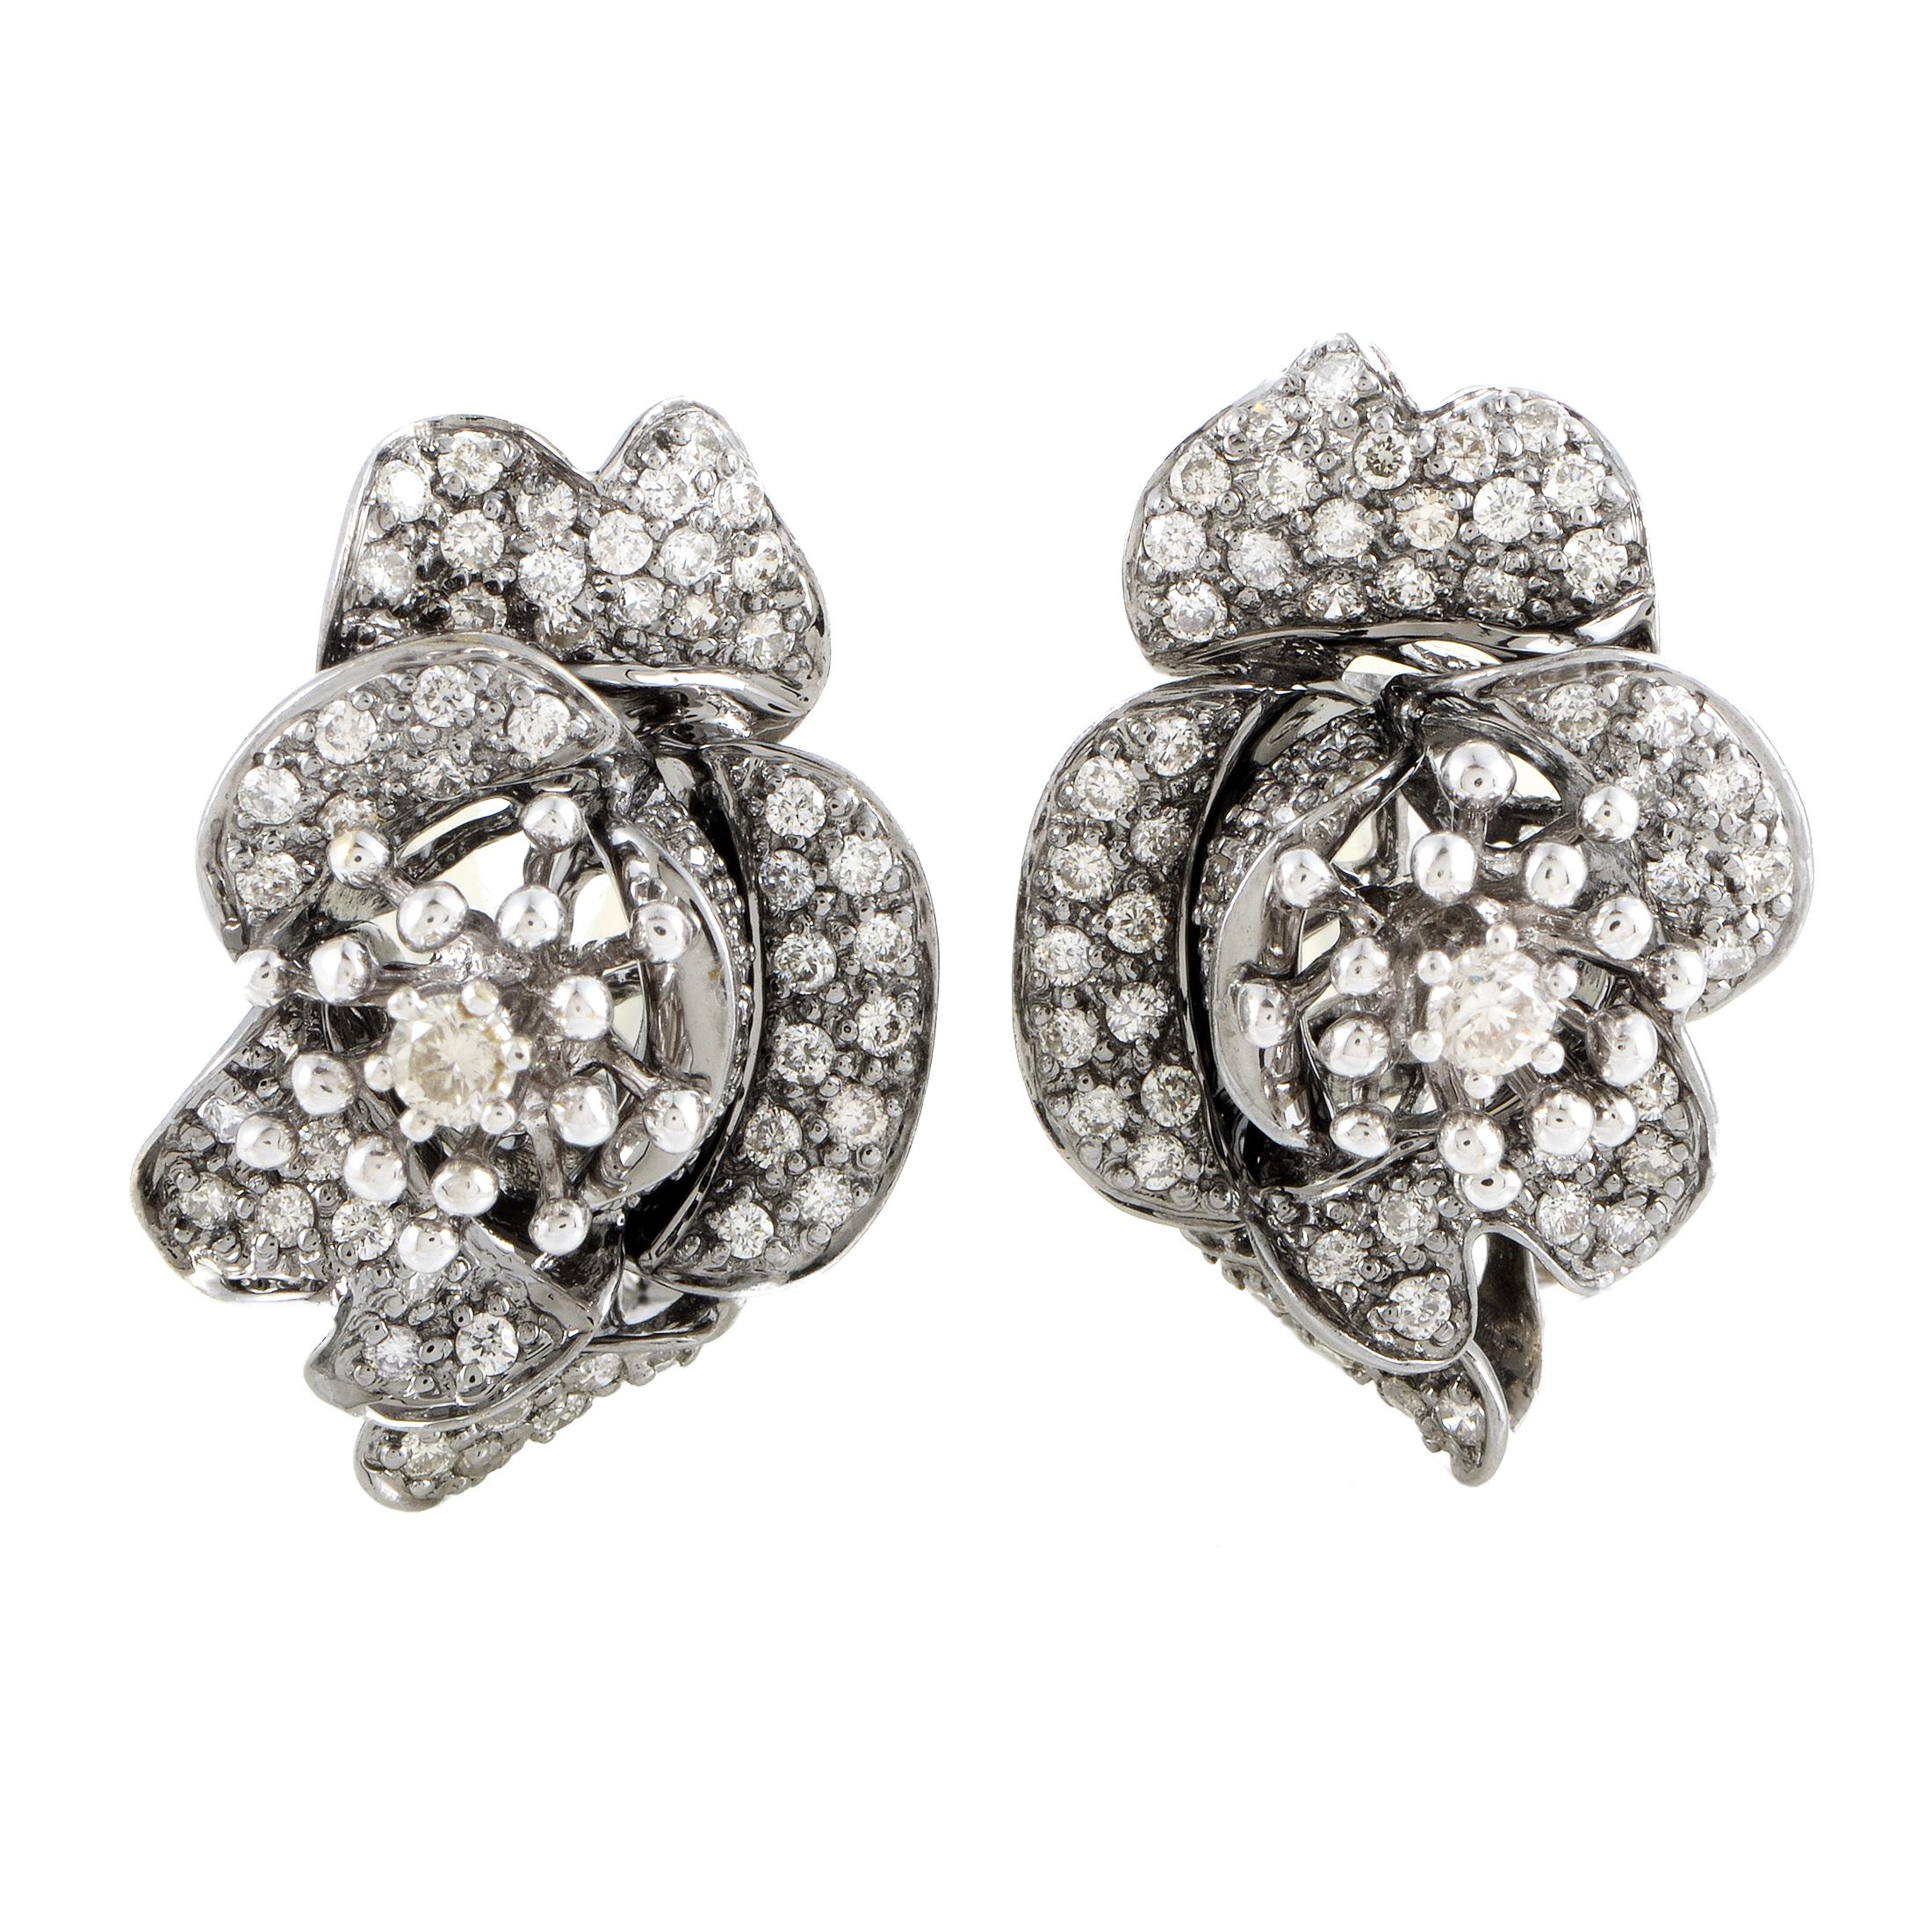 Women's 18K White Gold Diamond Pave Flower Earrings